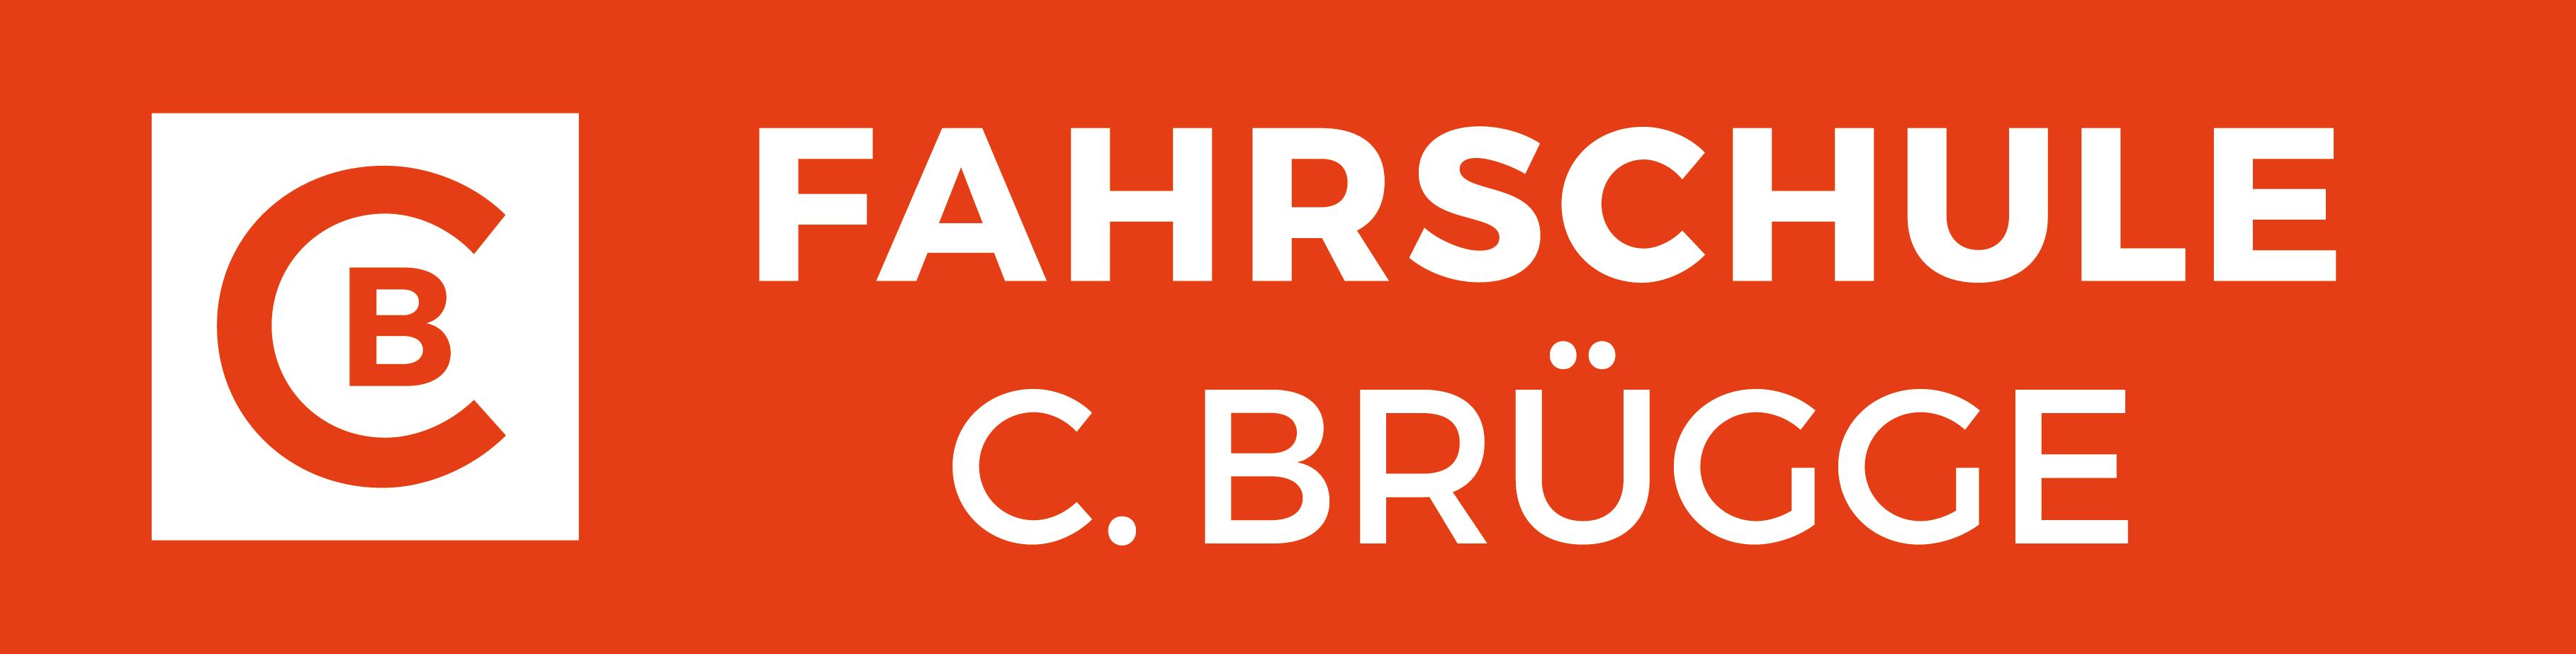 Fahrschule Brügge